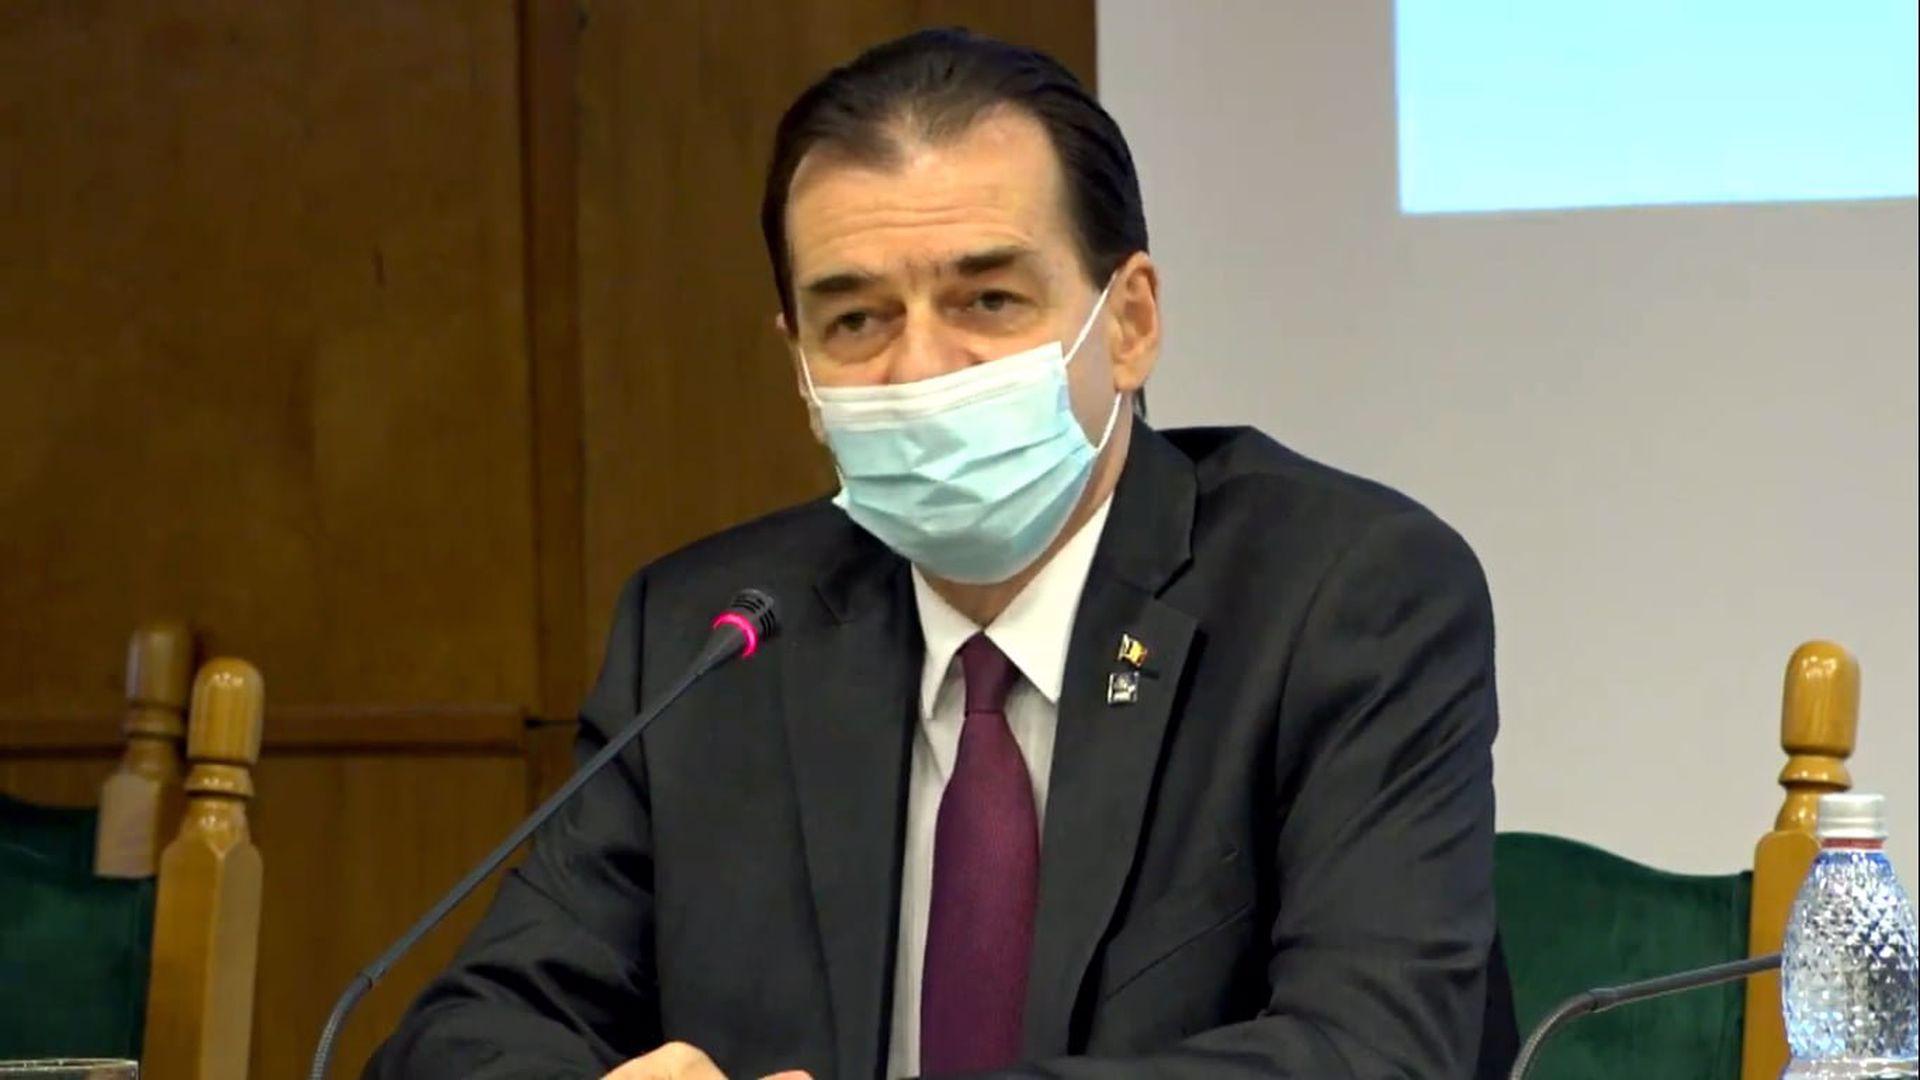 Starea de alertă, prelungită pentru încă 30 de zile pe teritoriul României. Ce alte măsuri vor mai fi luate